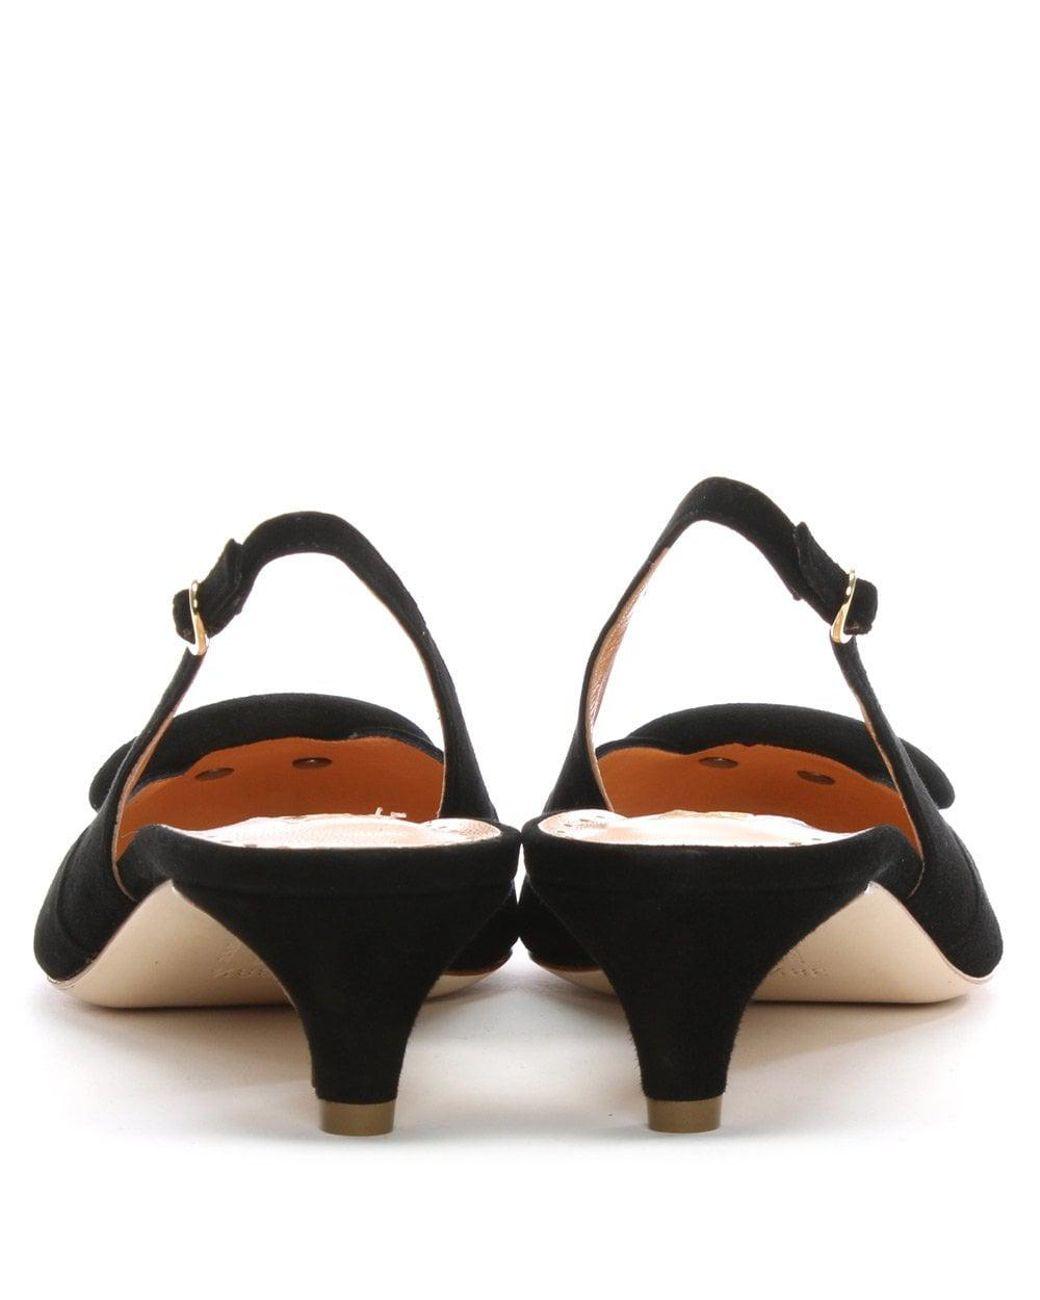 a04311d57c1 Women's Misty Black Suede Pointed Toe Sling Back Kitten Heels